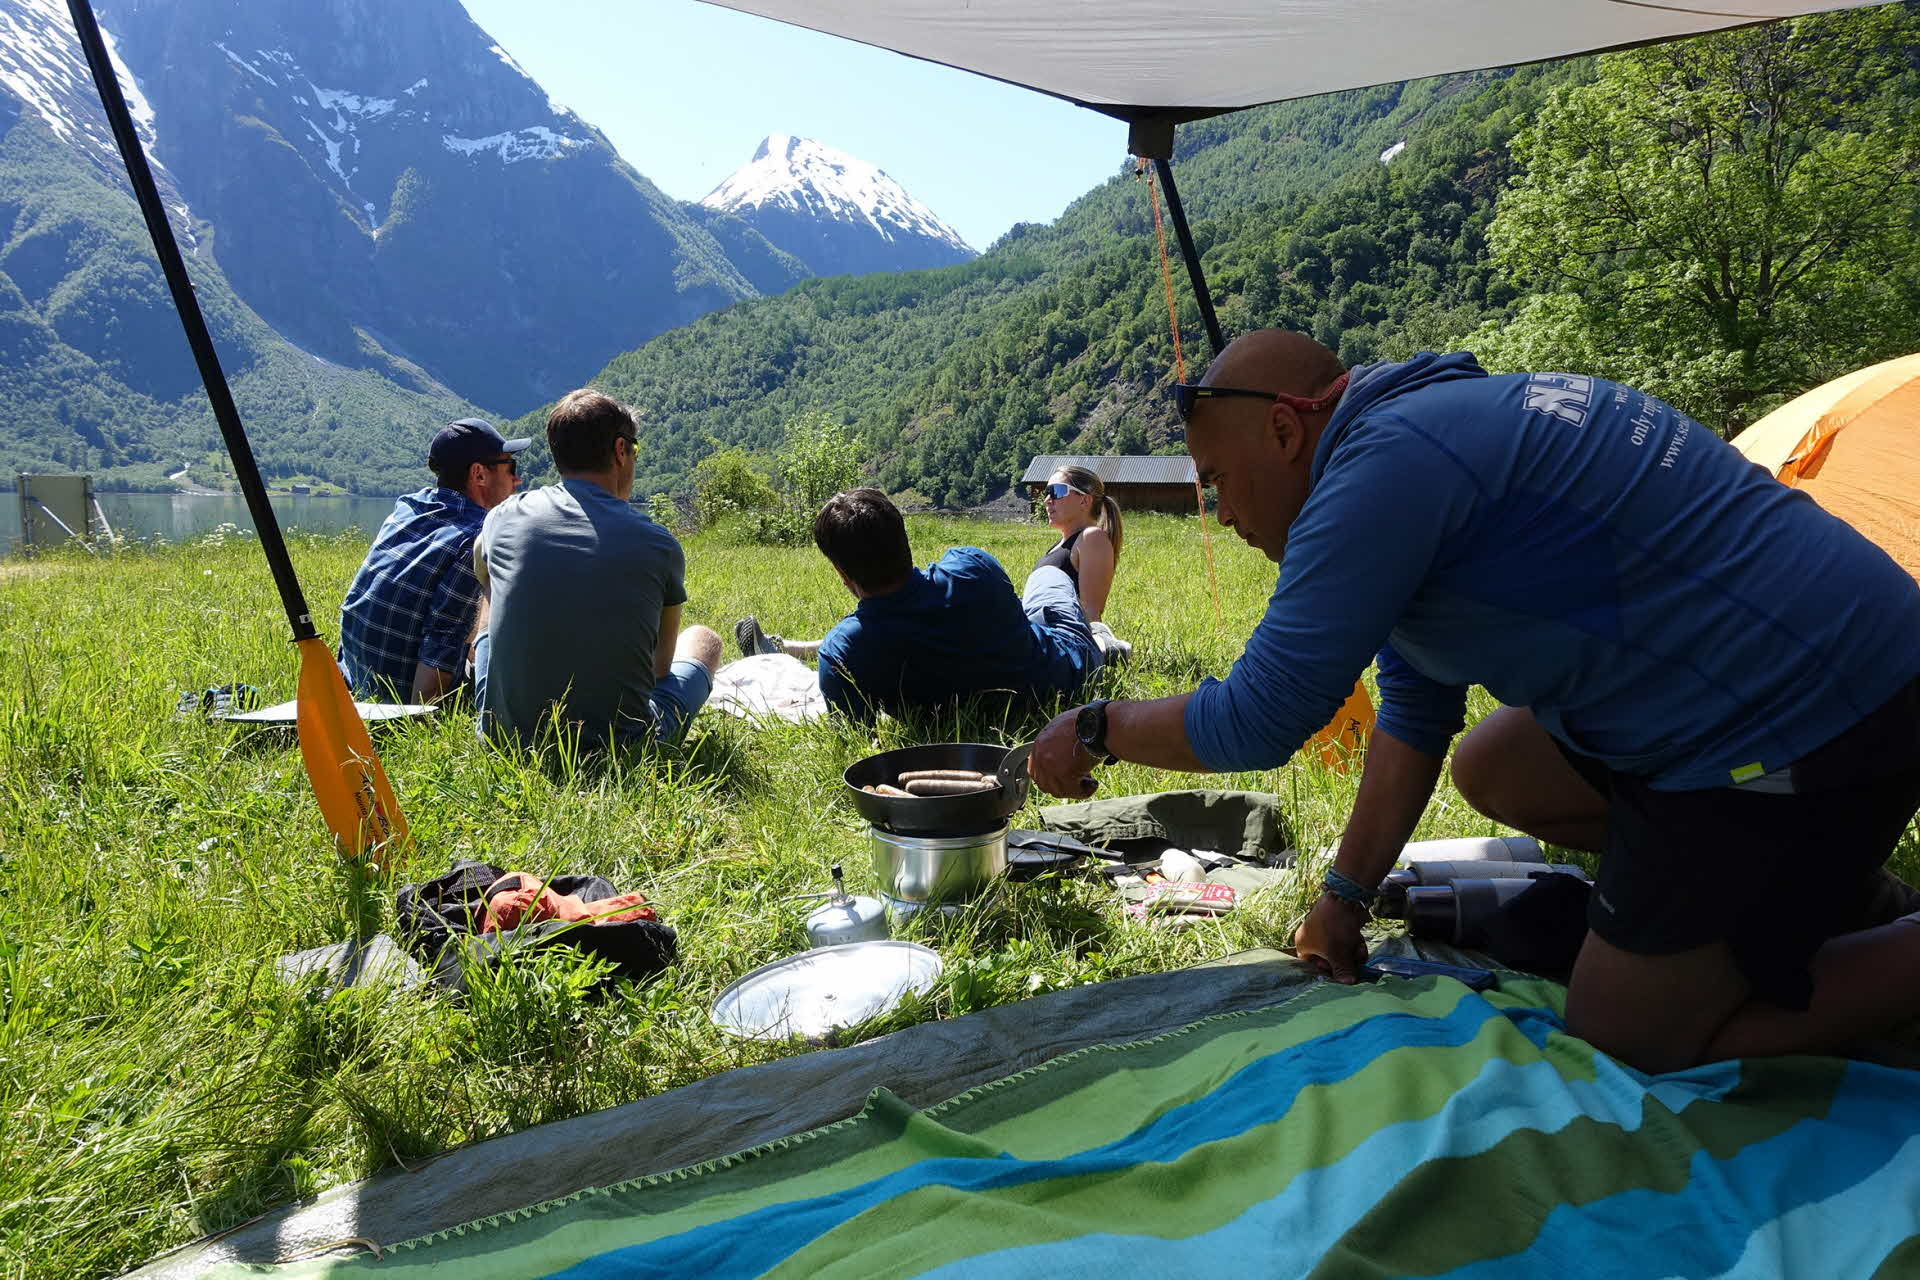 4 mennesker koser seg i solen på en grønn eng i Nærøyfjorden mens guide tilbereder mat under et solseil